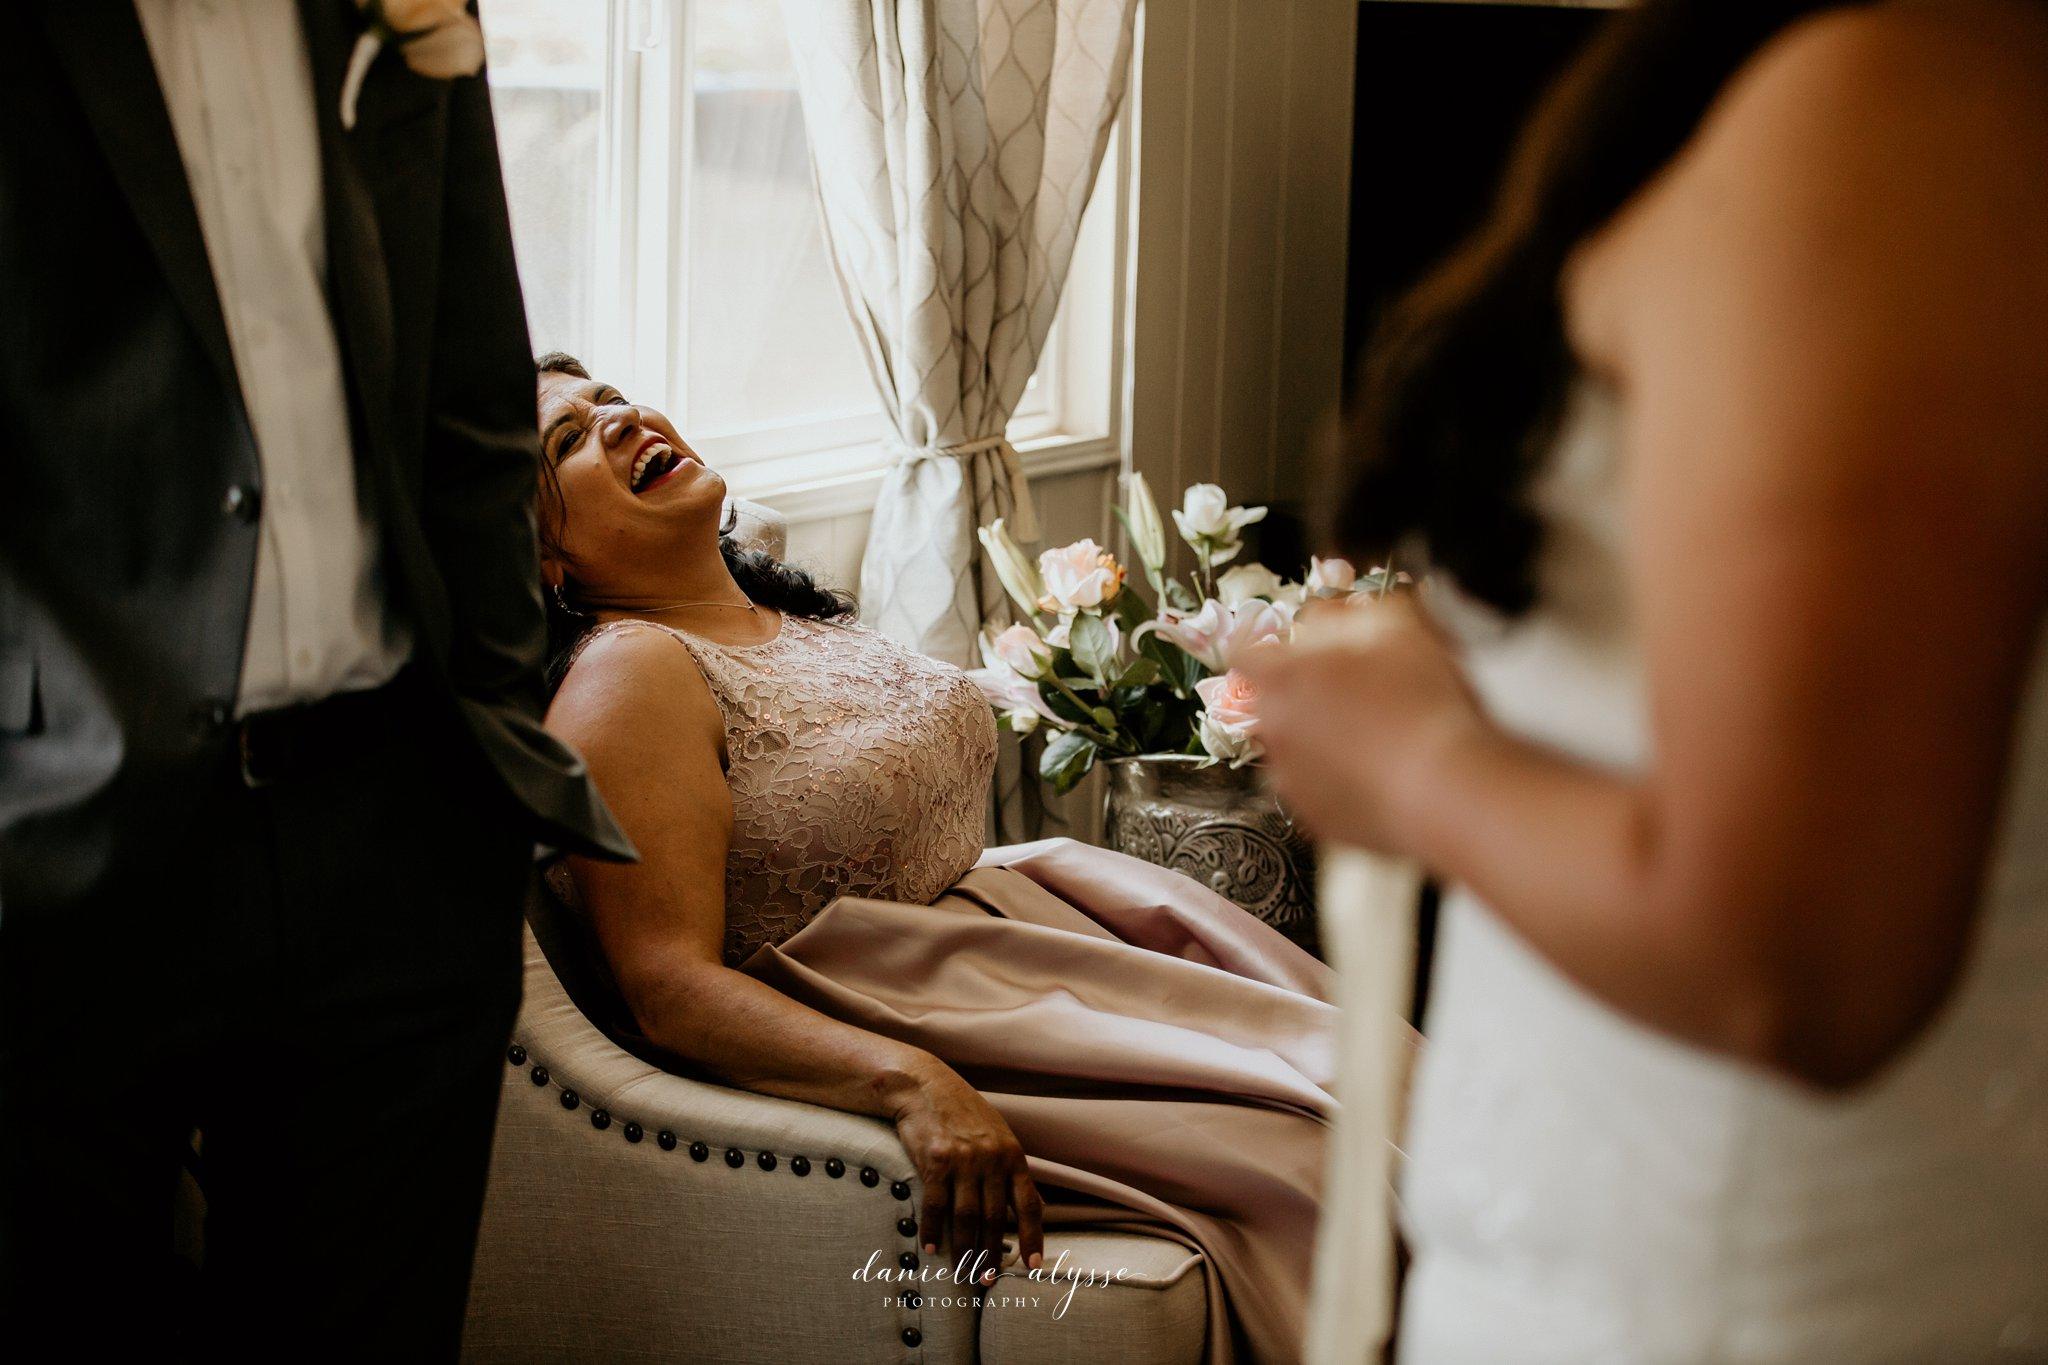 180630_wedding_lily_ryan_mission_soledad_california_danielle_alysse_photography_blog_324_WEB.jpg